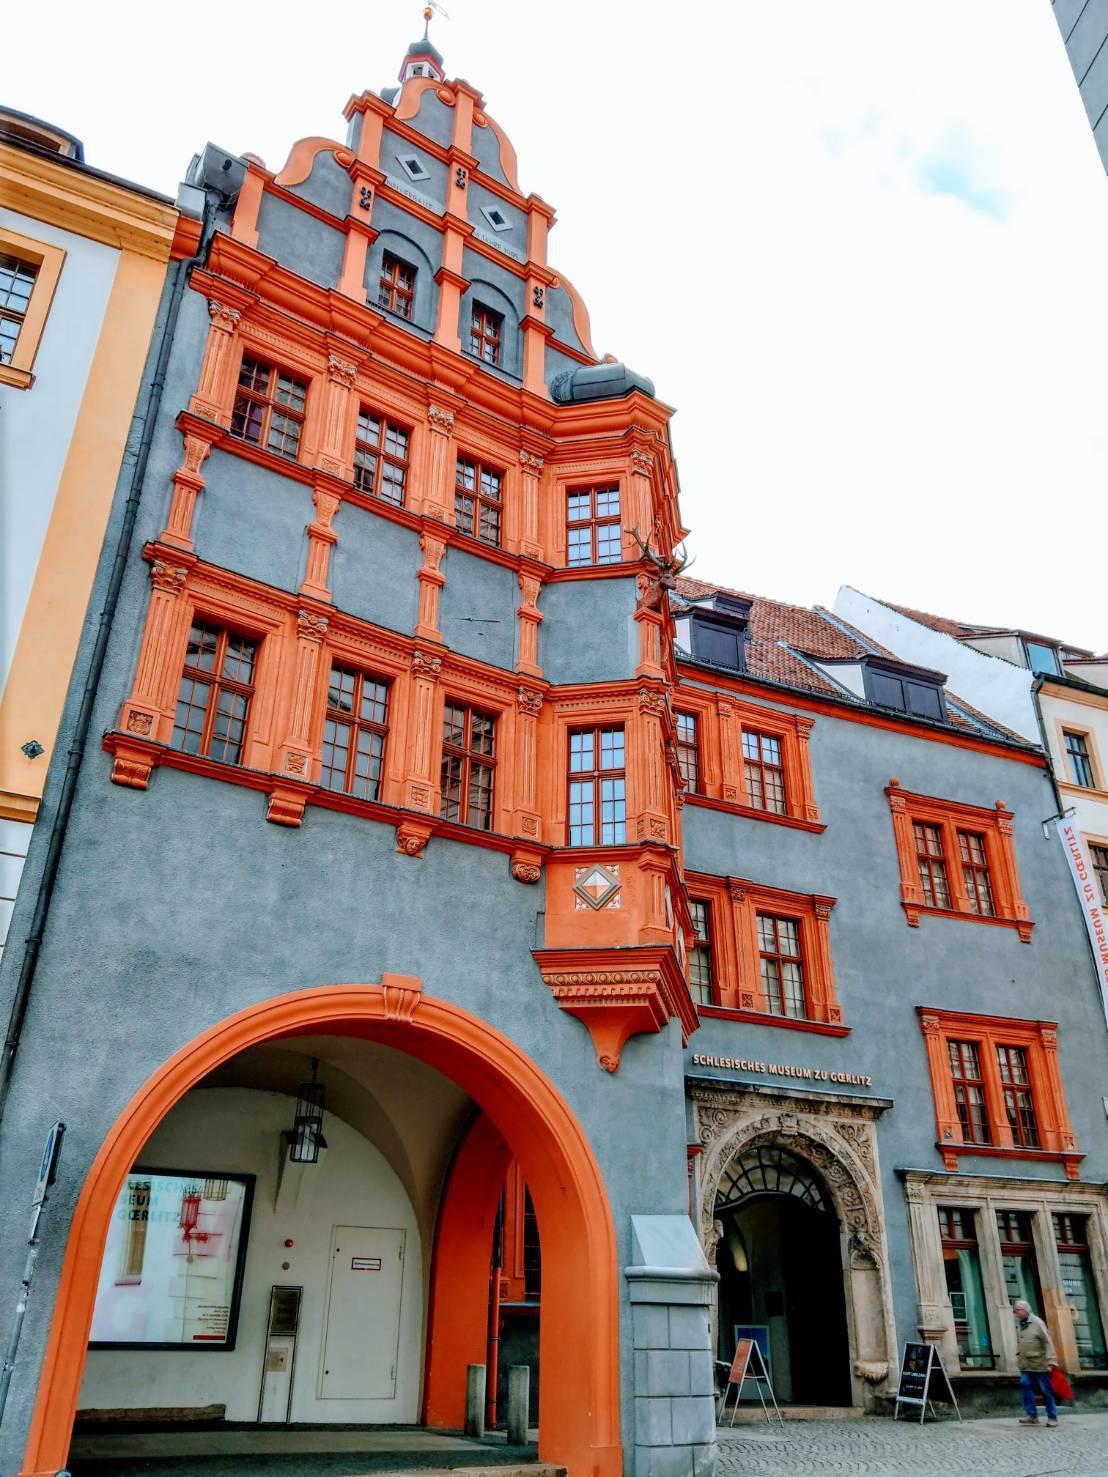 灰色砂岩、紅色窗框的西里西亞博物館,興建於1526年,曾許多王公貴族下榻的接待館...